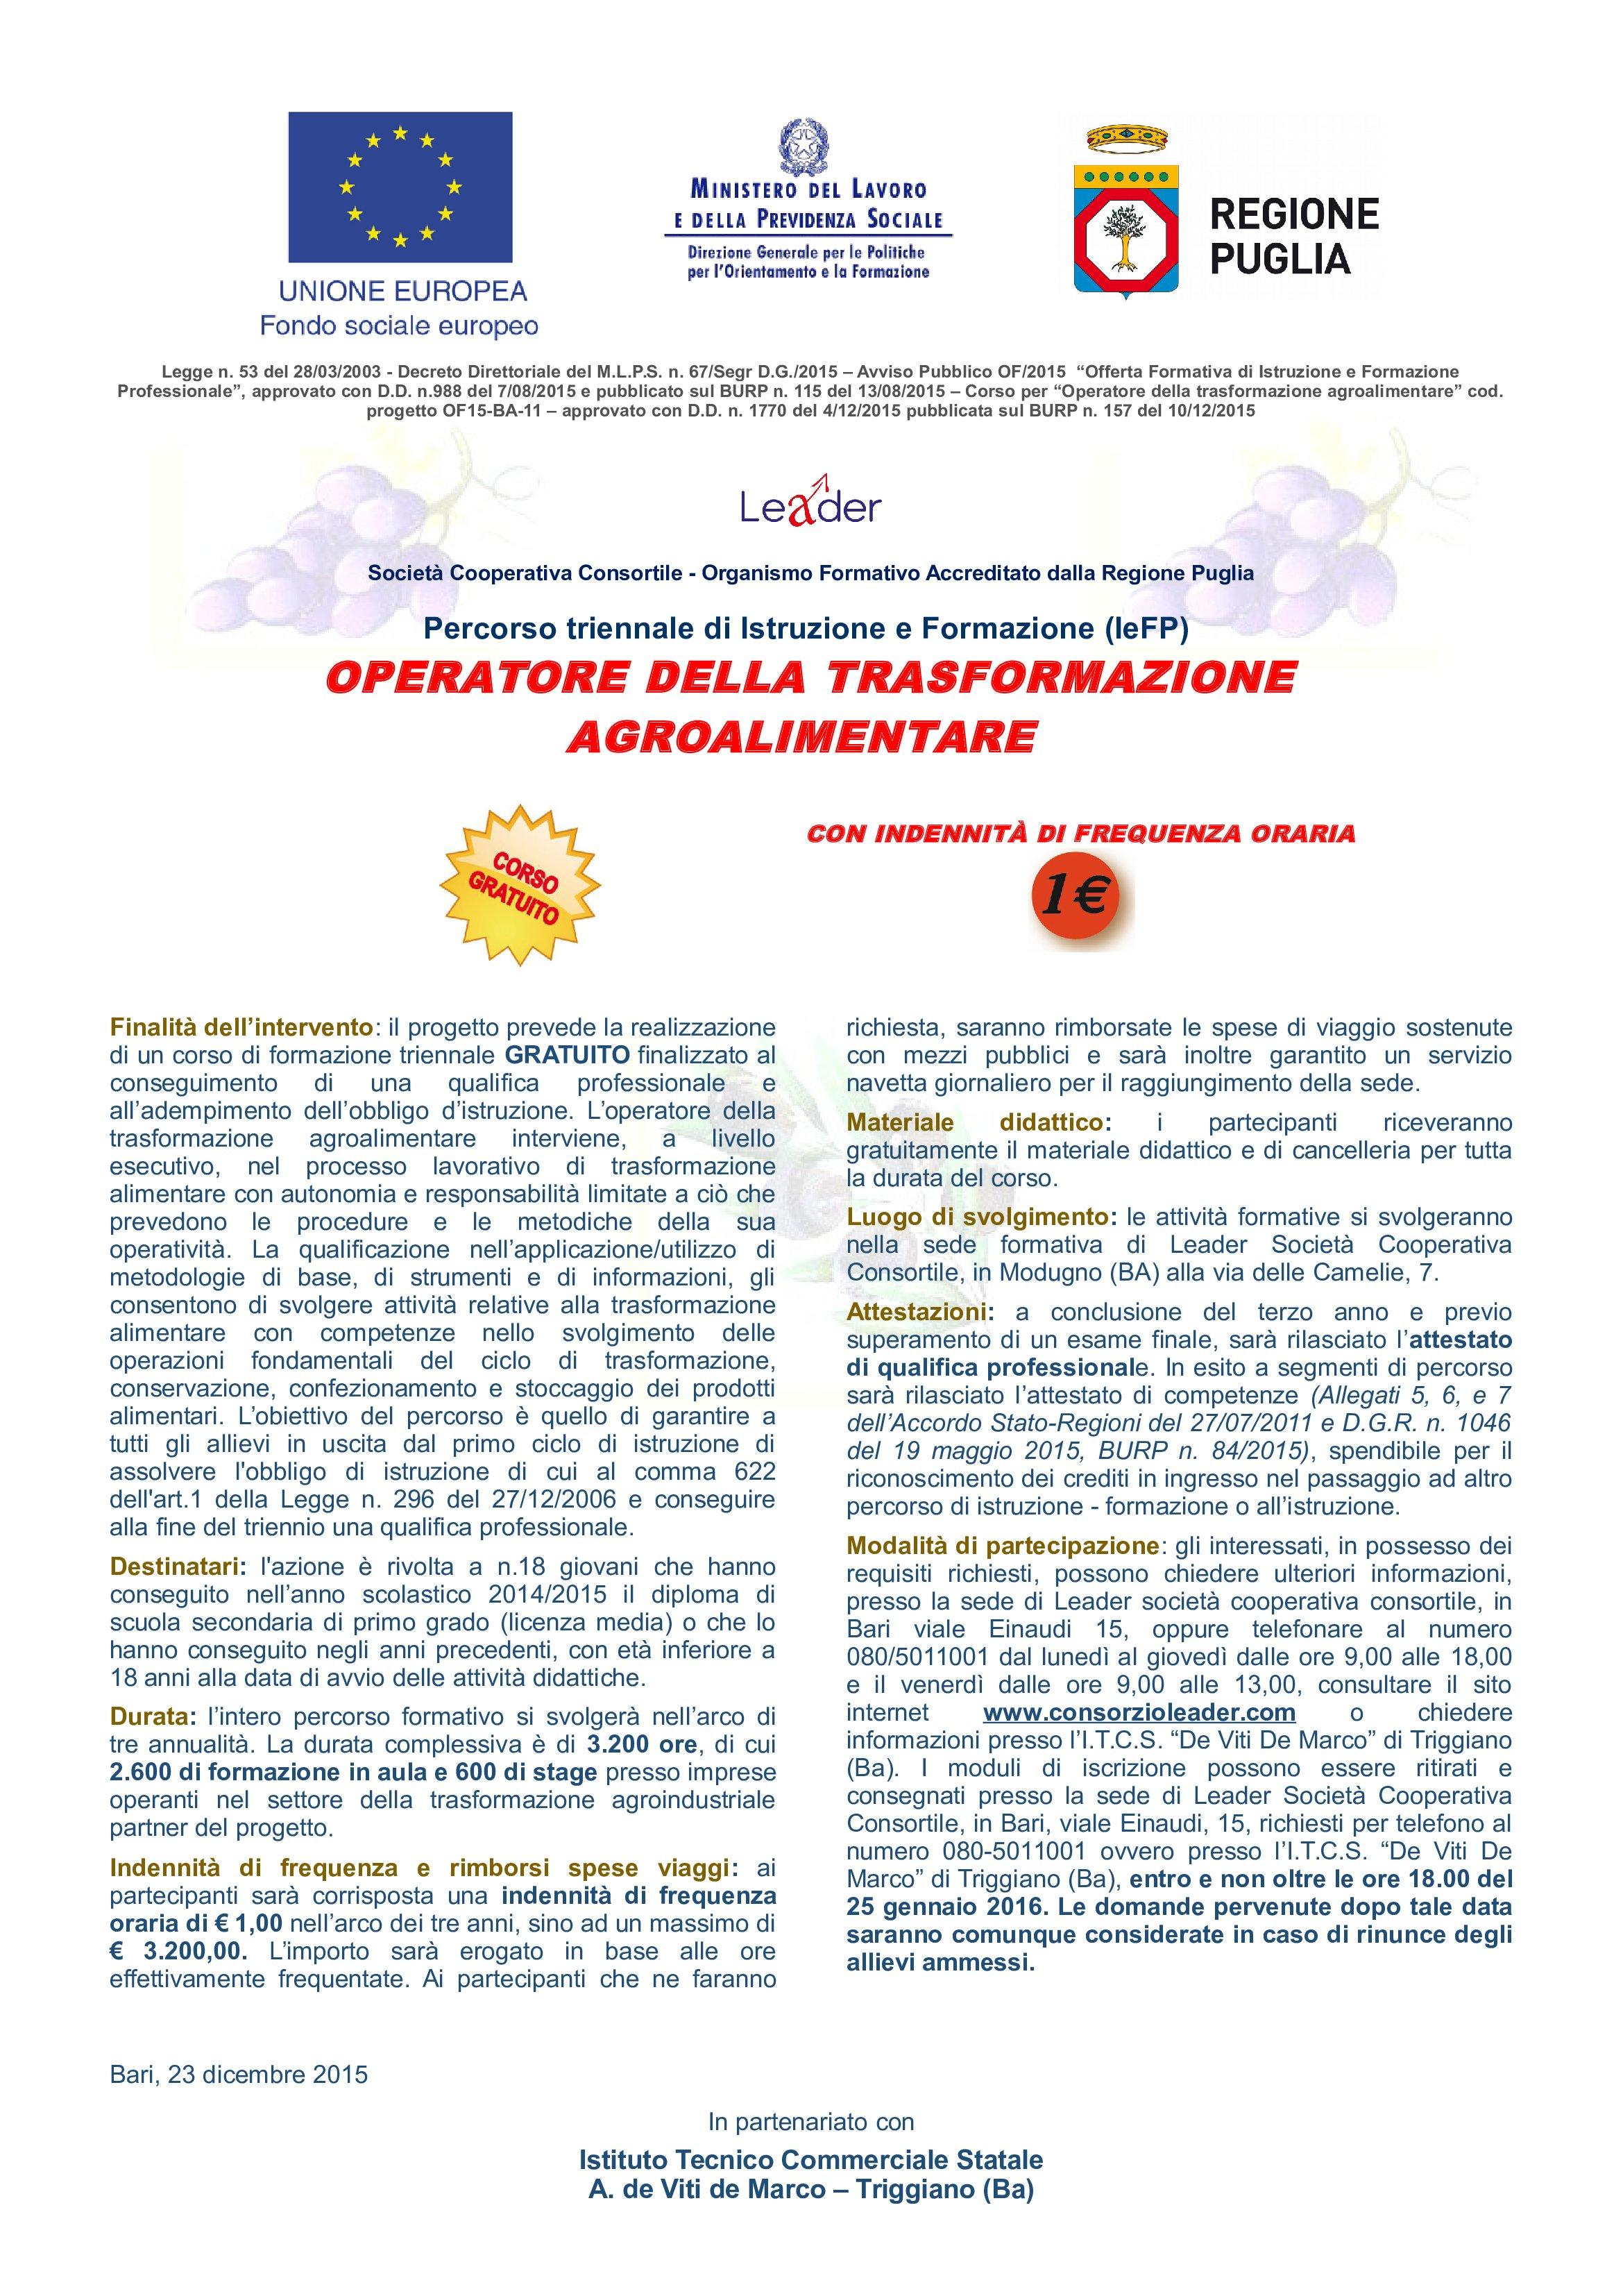 Operatore alla trasformazione agricola 2014